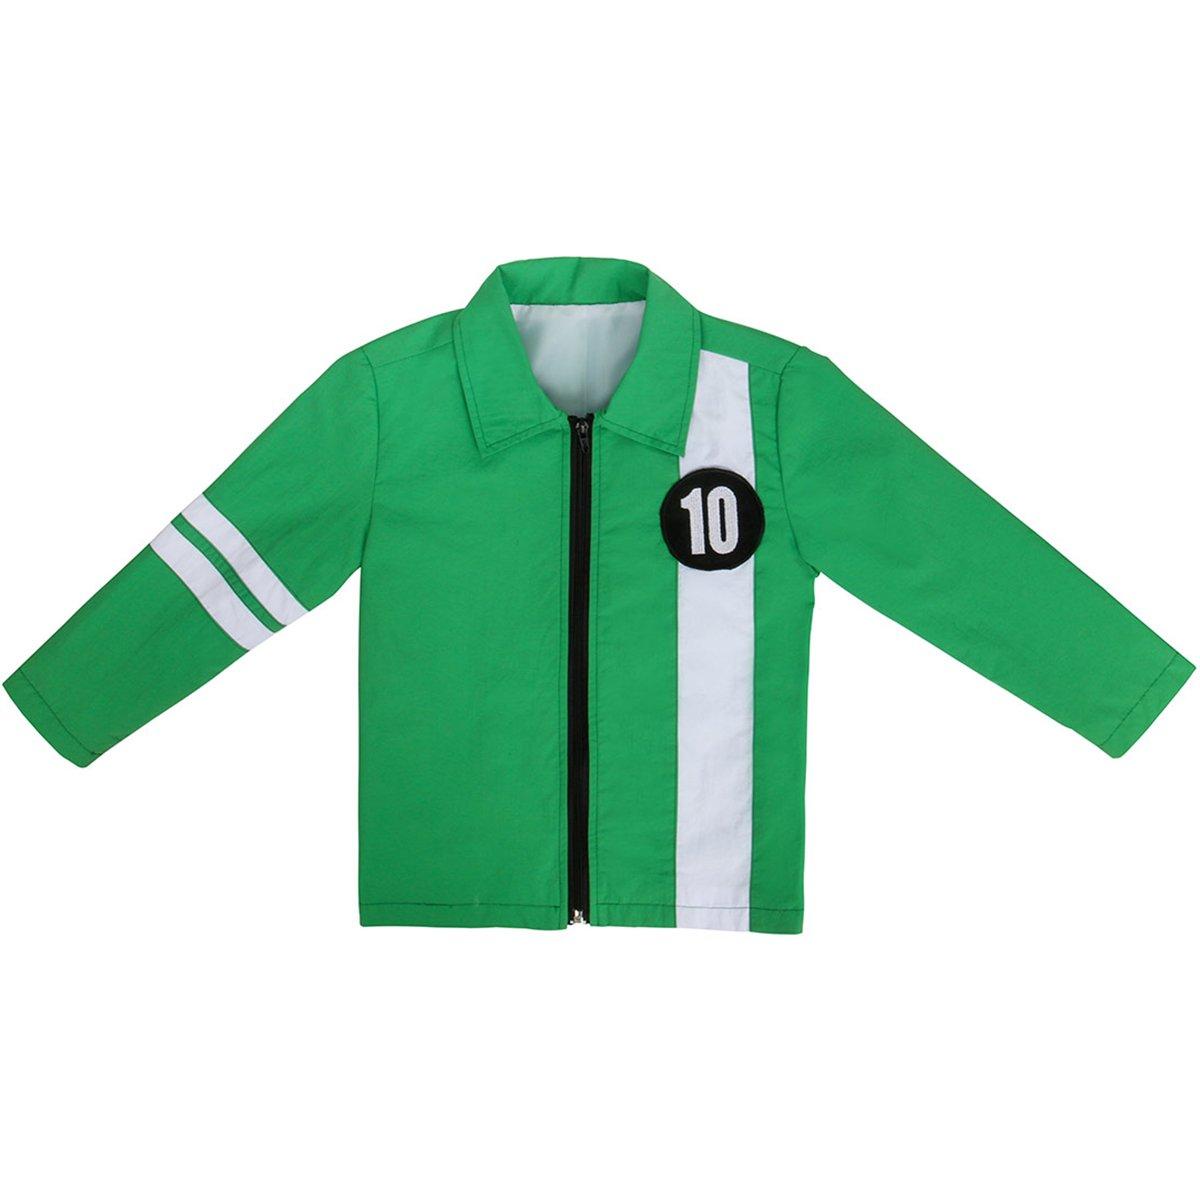 Nofonda Giacca Verde, Ricamo No.10, Costume Sportiva Quotidiano per Bambini per Cosplay, Halloween, Carnevale, Festa